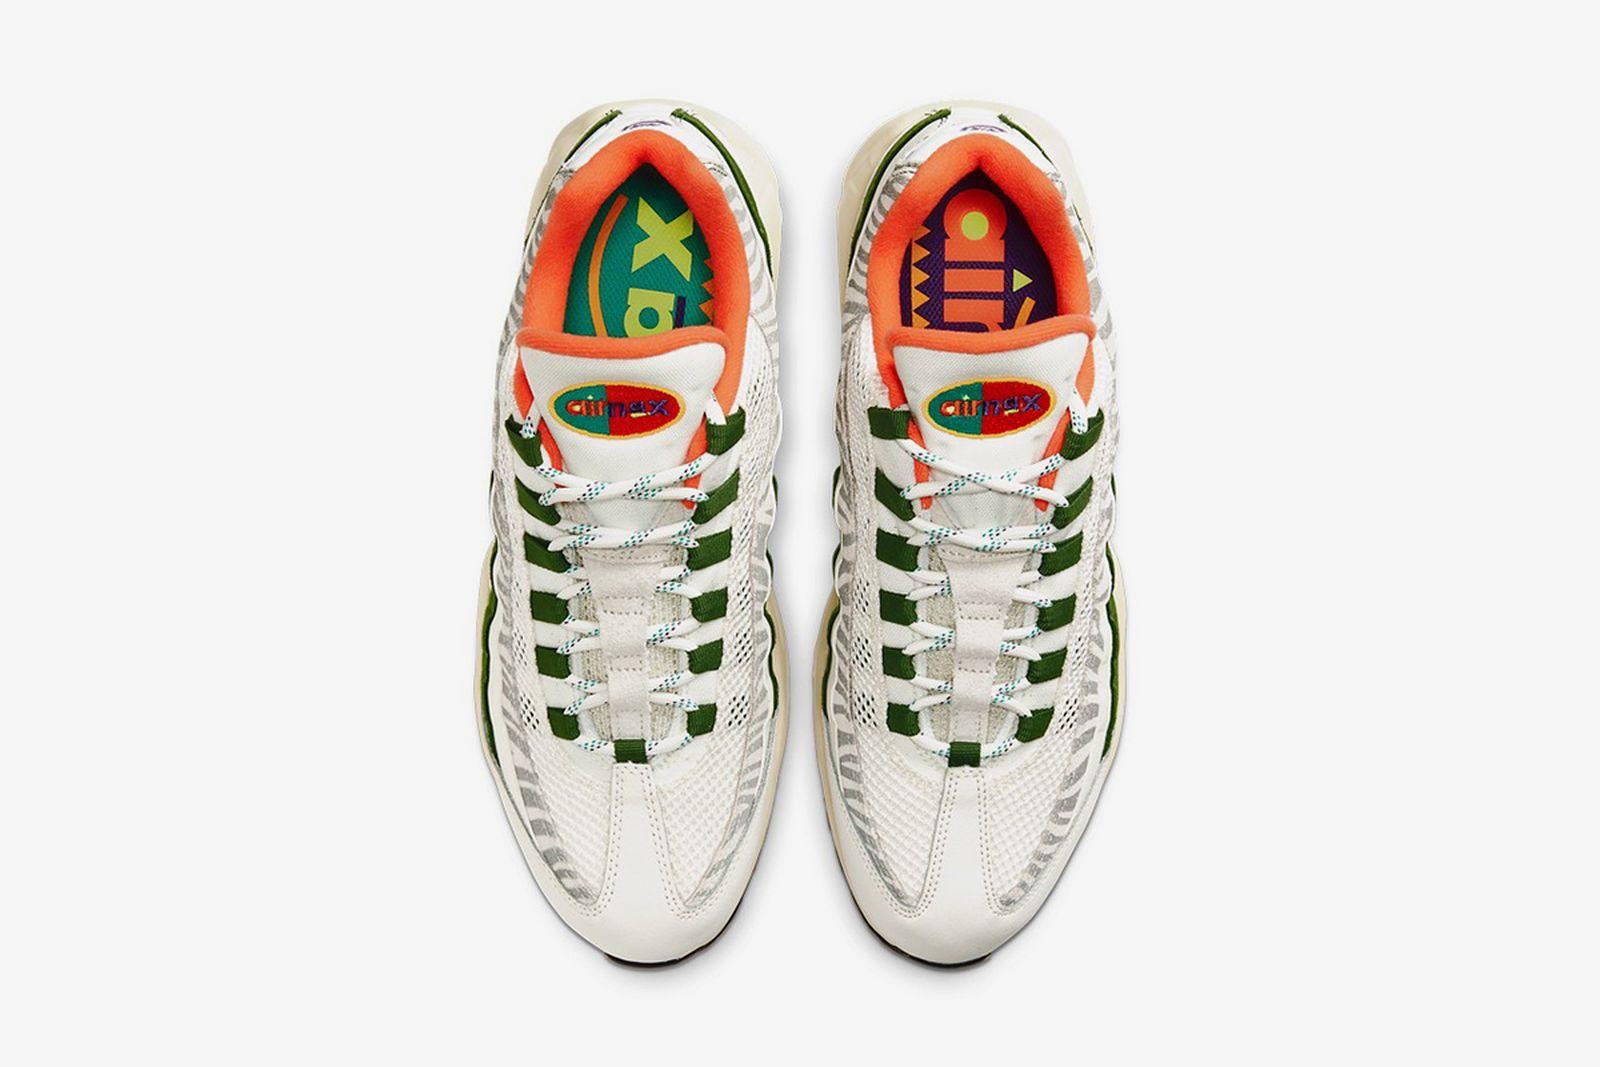 Nike Air Max 95 Zebra